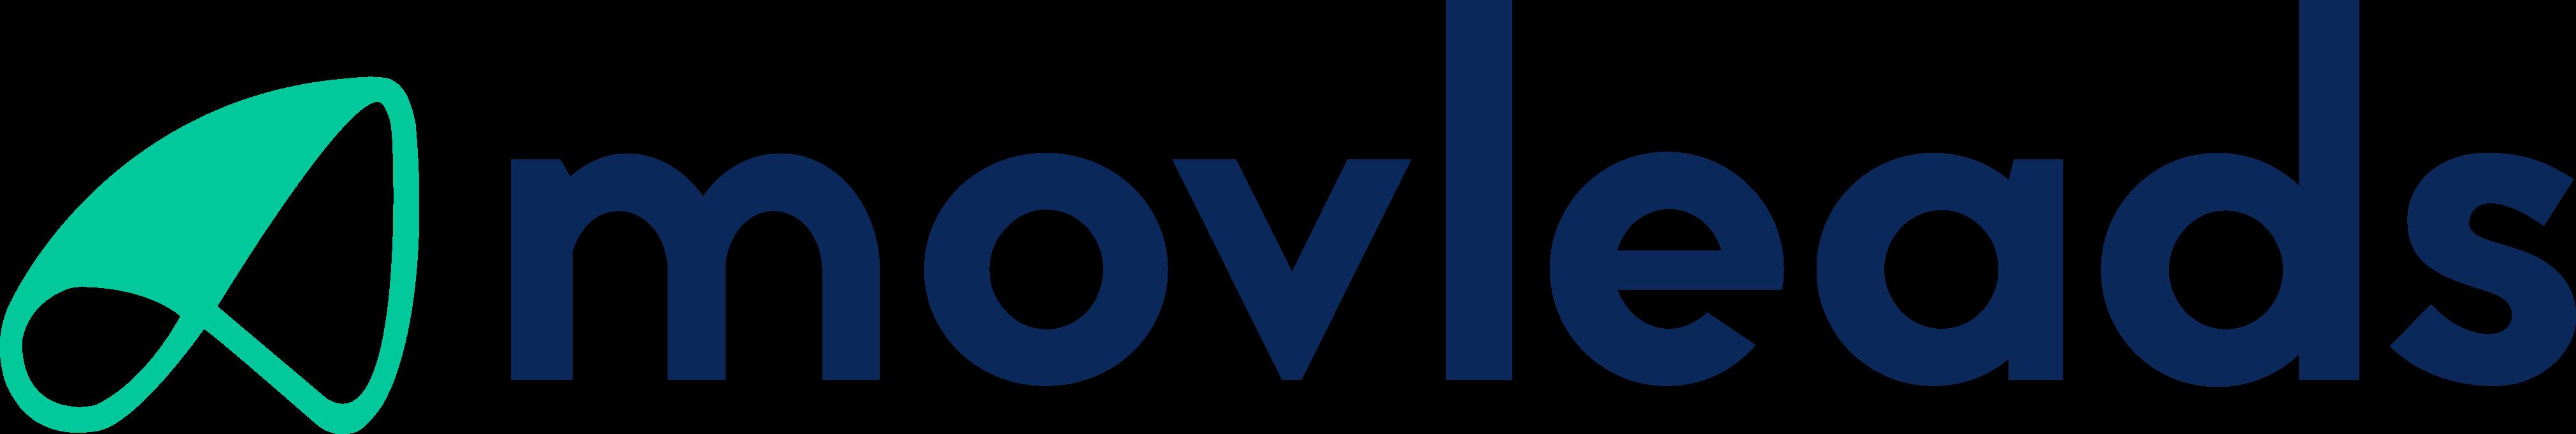 Movleads Agência de Lançamentos Digitais